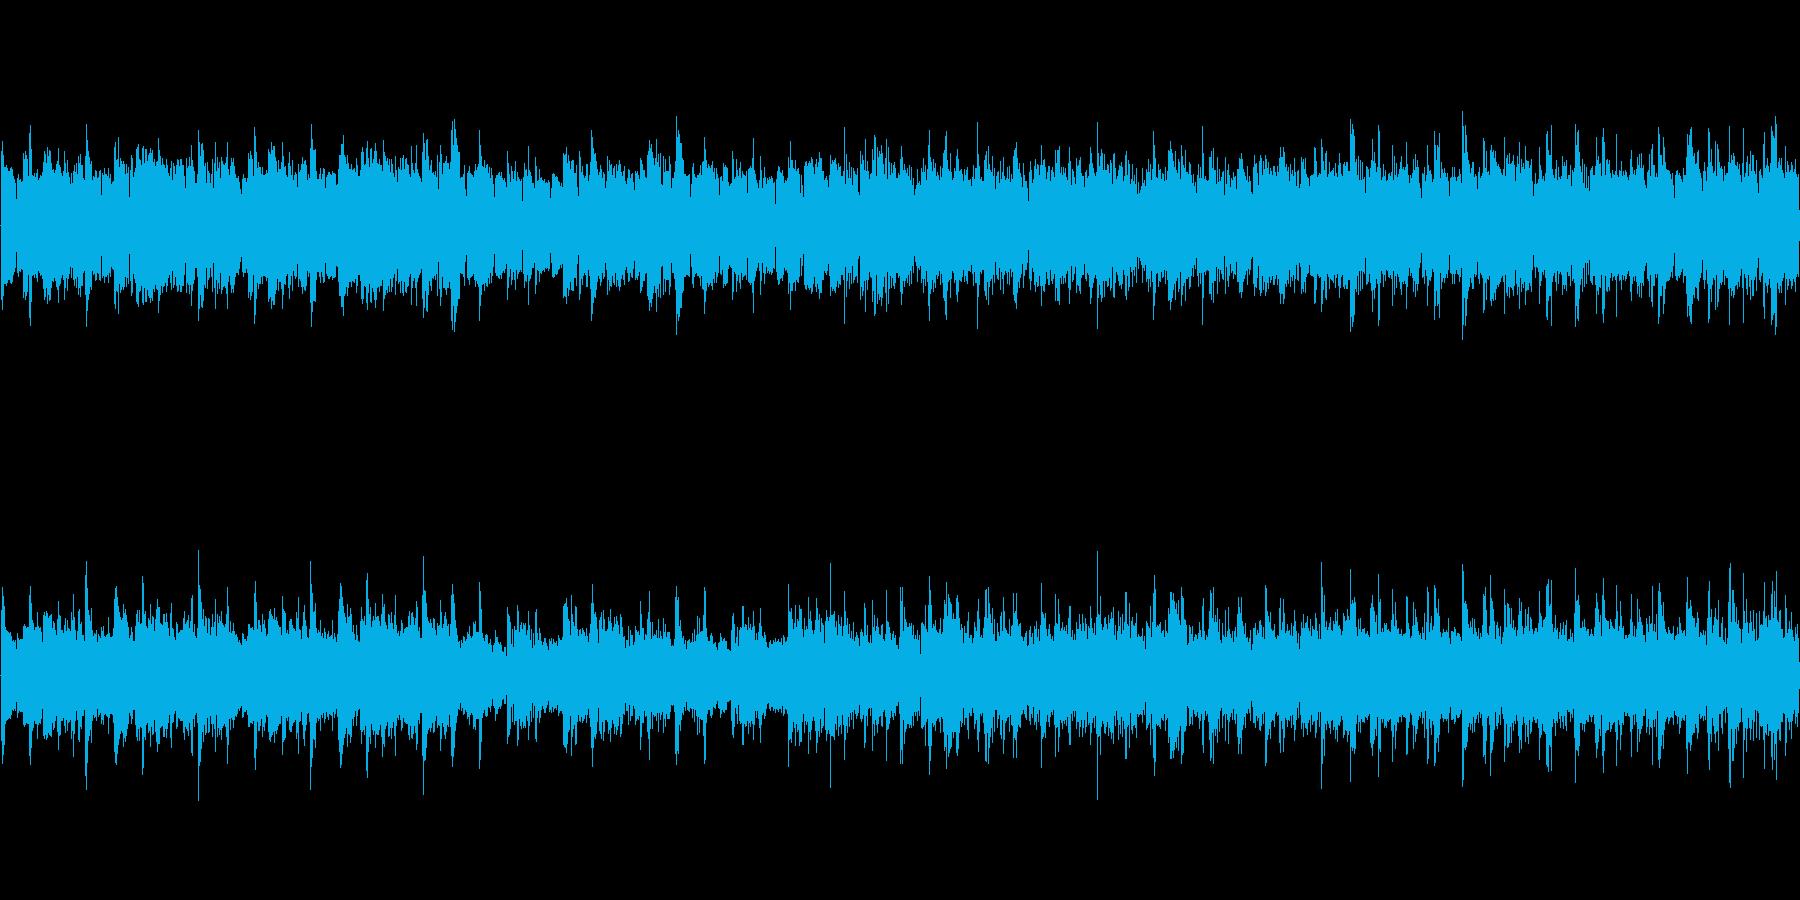 アコースティックギター(明るい感じ)の再生済みの波形